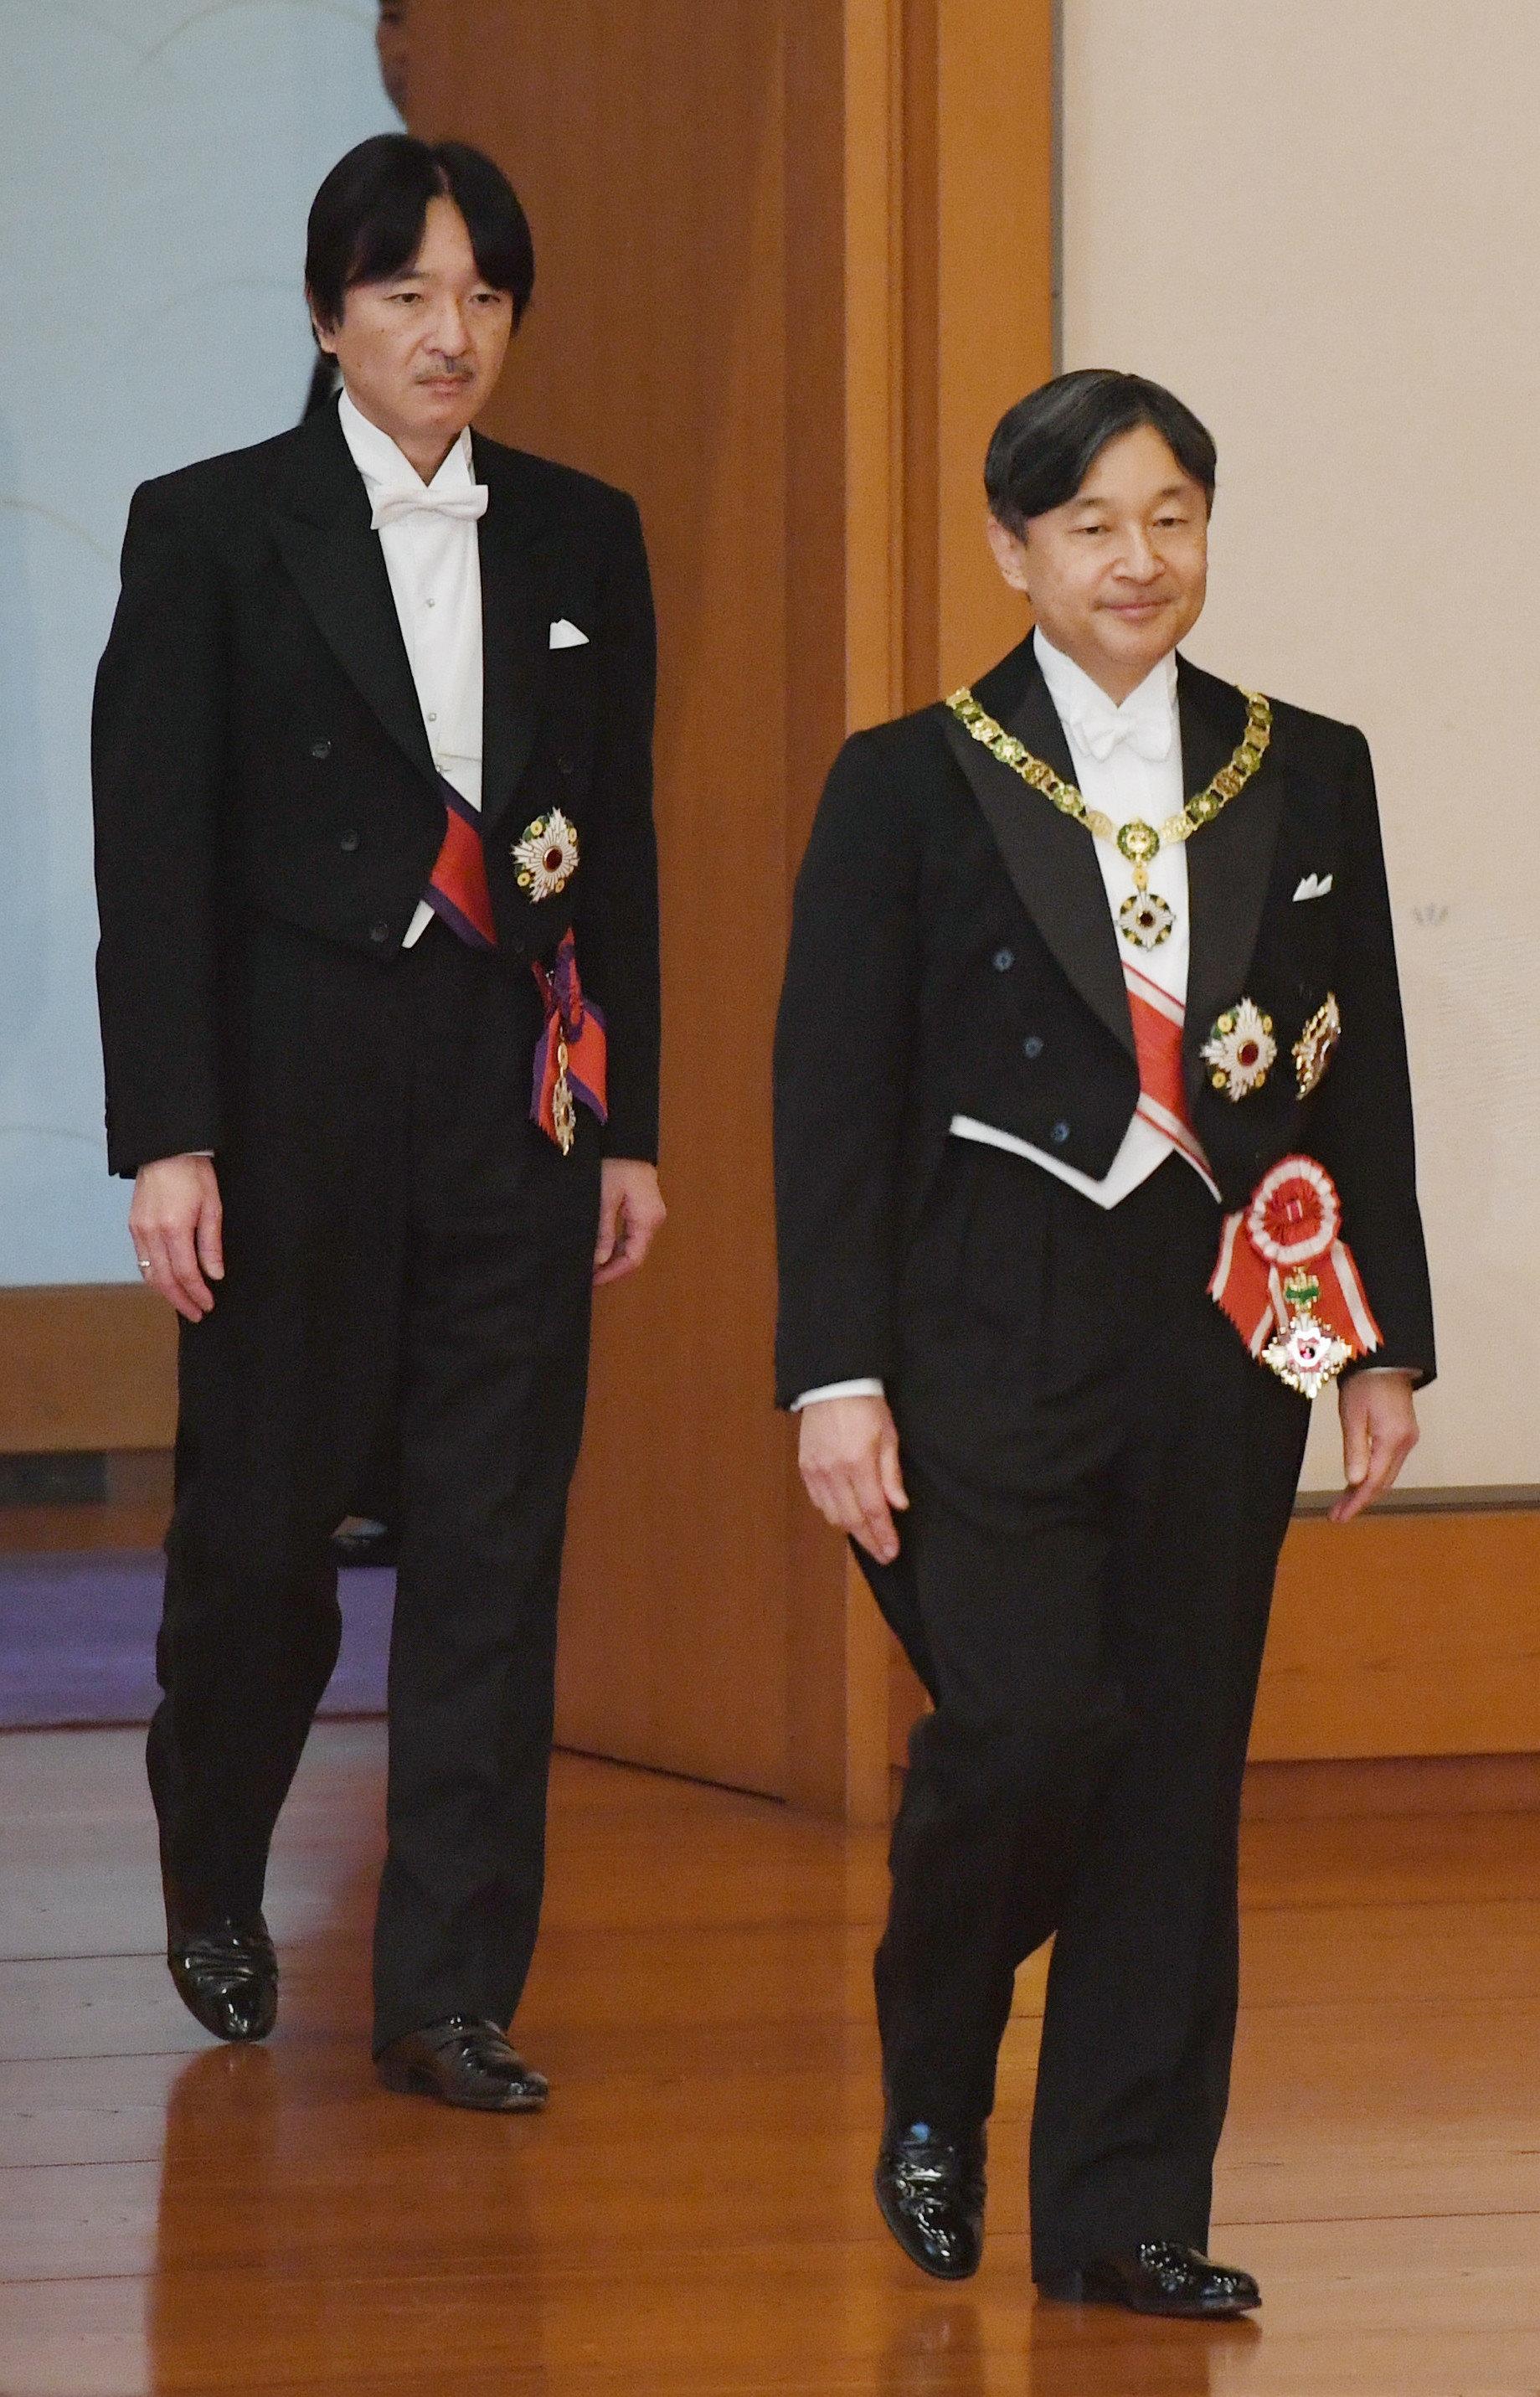 「剣璽等承継の儀」に臨まれる新天皇陛下と皇